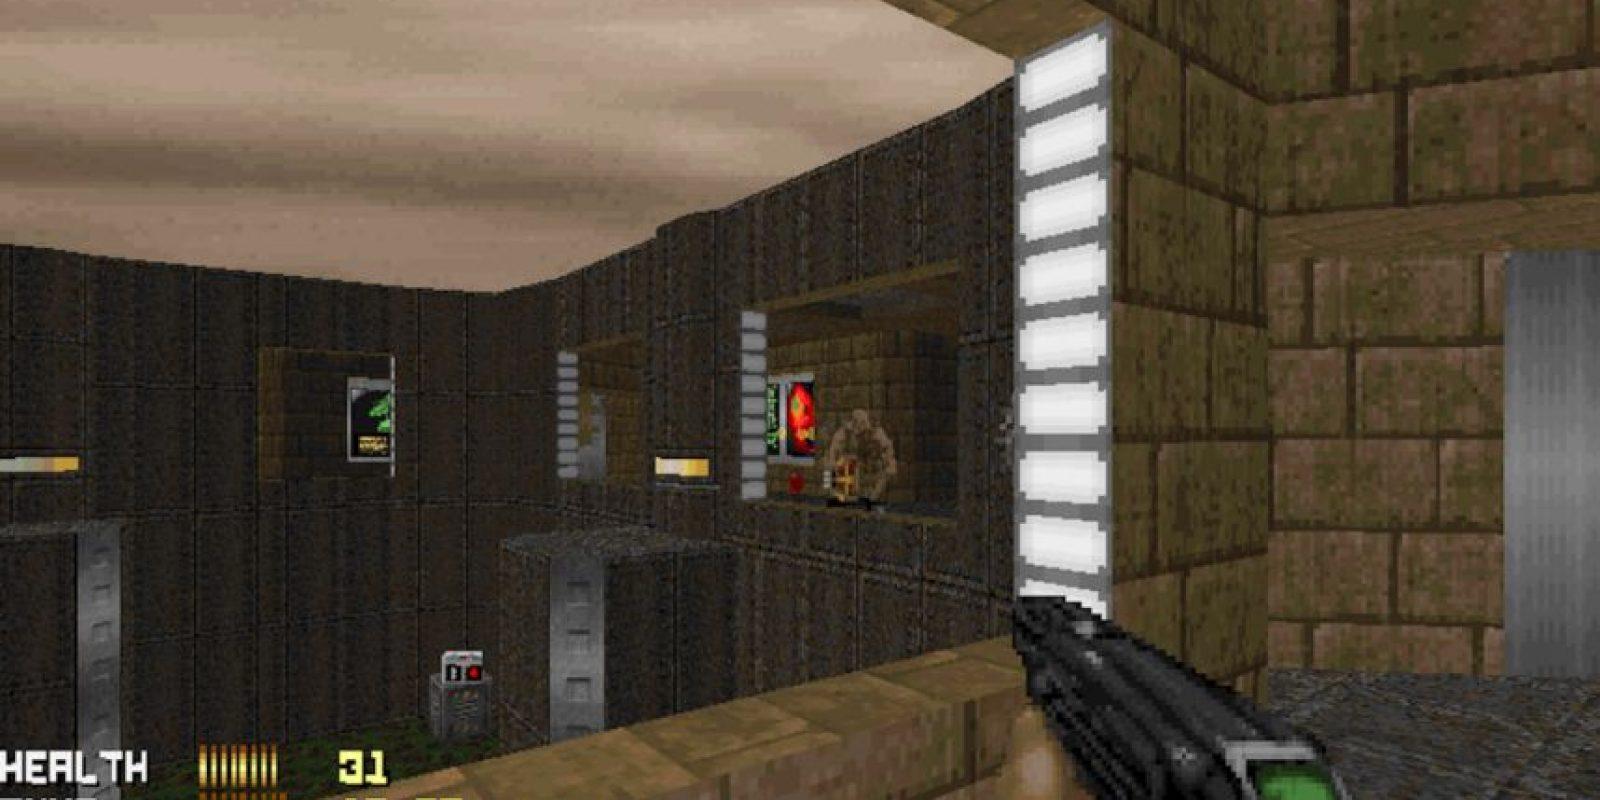 Fue tan famoso que Bill Gates promocionó Windows 95 con el fondo de este juego Foto:freedoom.sourceforge.net/screenshots/